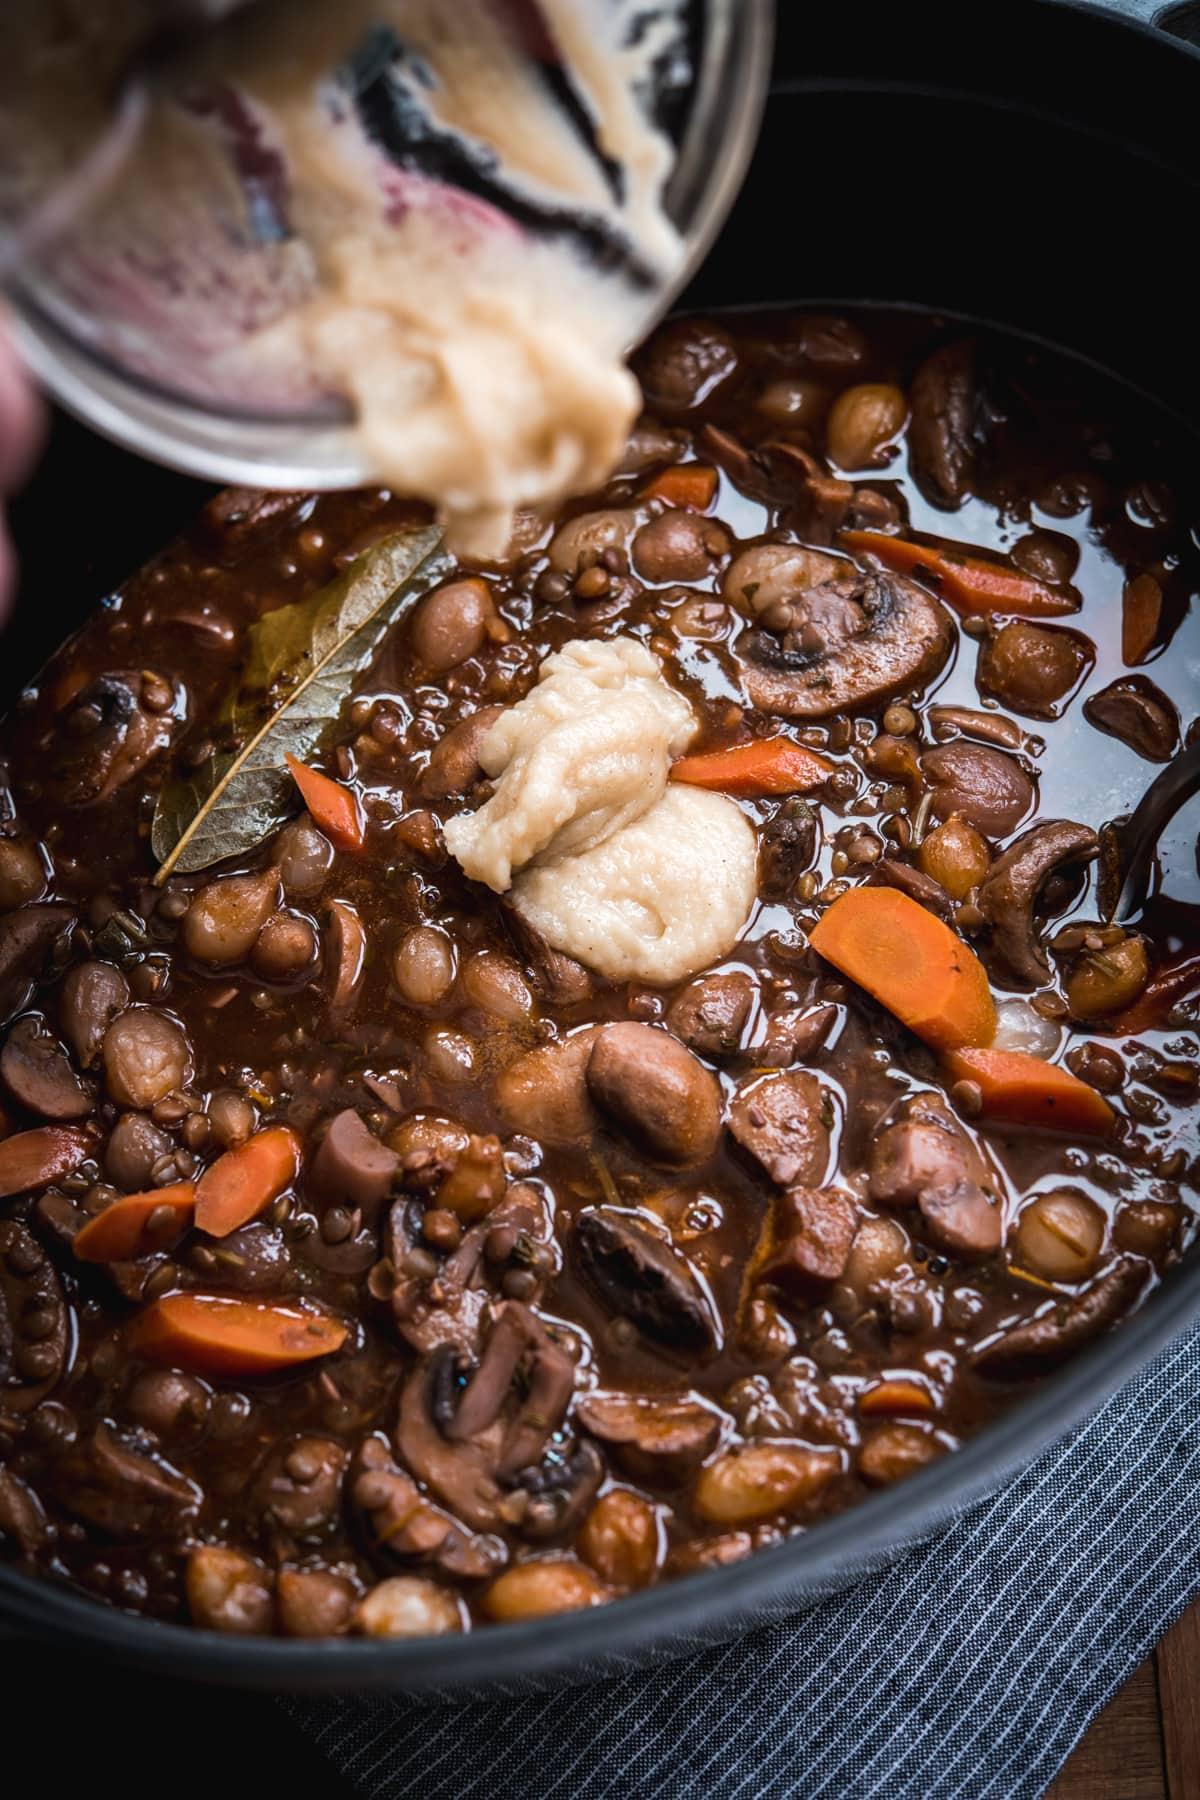 pouring roux into vegan coq au vin in a large pot.